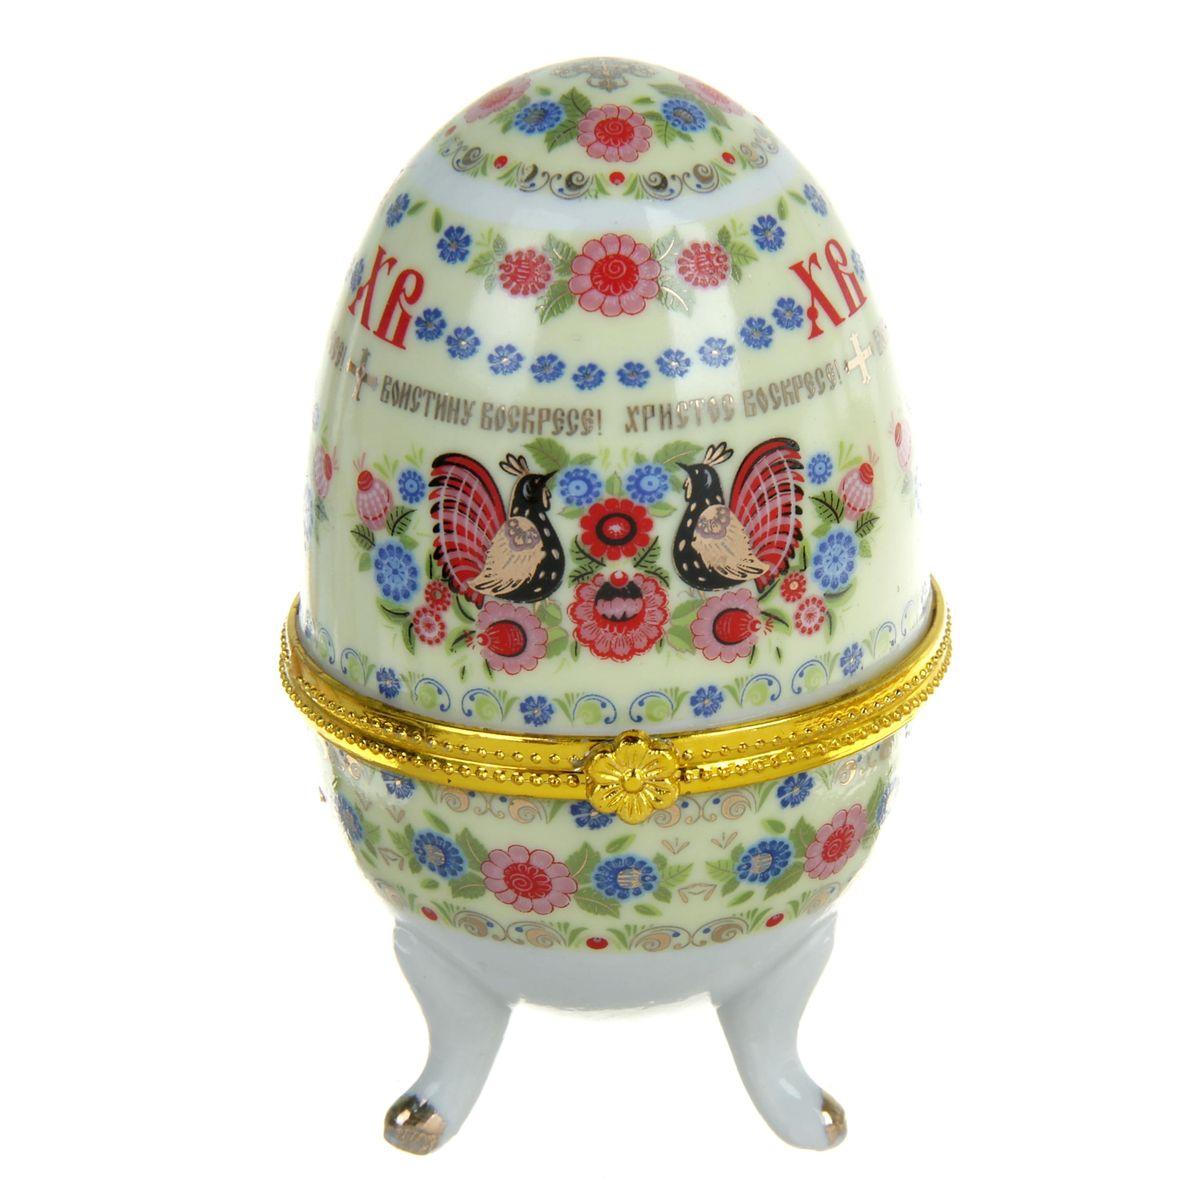 """Яйцо-шкатулка Sima-land """"Хохлома"""" представляет собой изделие, изготовленное из белоснежной прочной керамики и оформленное росписью, выполненной в технике """"деколь"""", с золотистыми вставками. Изделие располагается на изящных ножках. Яйцо-шкатулка Sima-land """"Хохлома"""" порадует своим великолепием и функциональными особенностями. Это не только символичный, но и очень полезный подарок на светлый праздник Пасхи. Диаметр яйца-шкатулки: 6 см. Высота яйца-шкатулки: 10 см."""